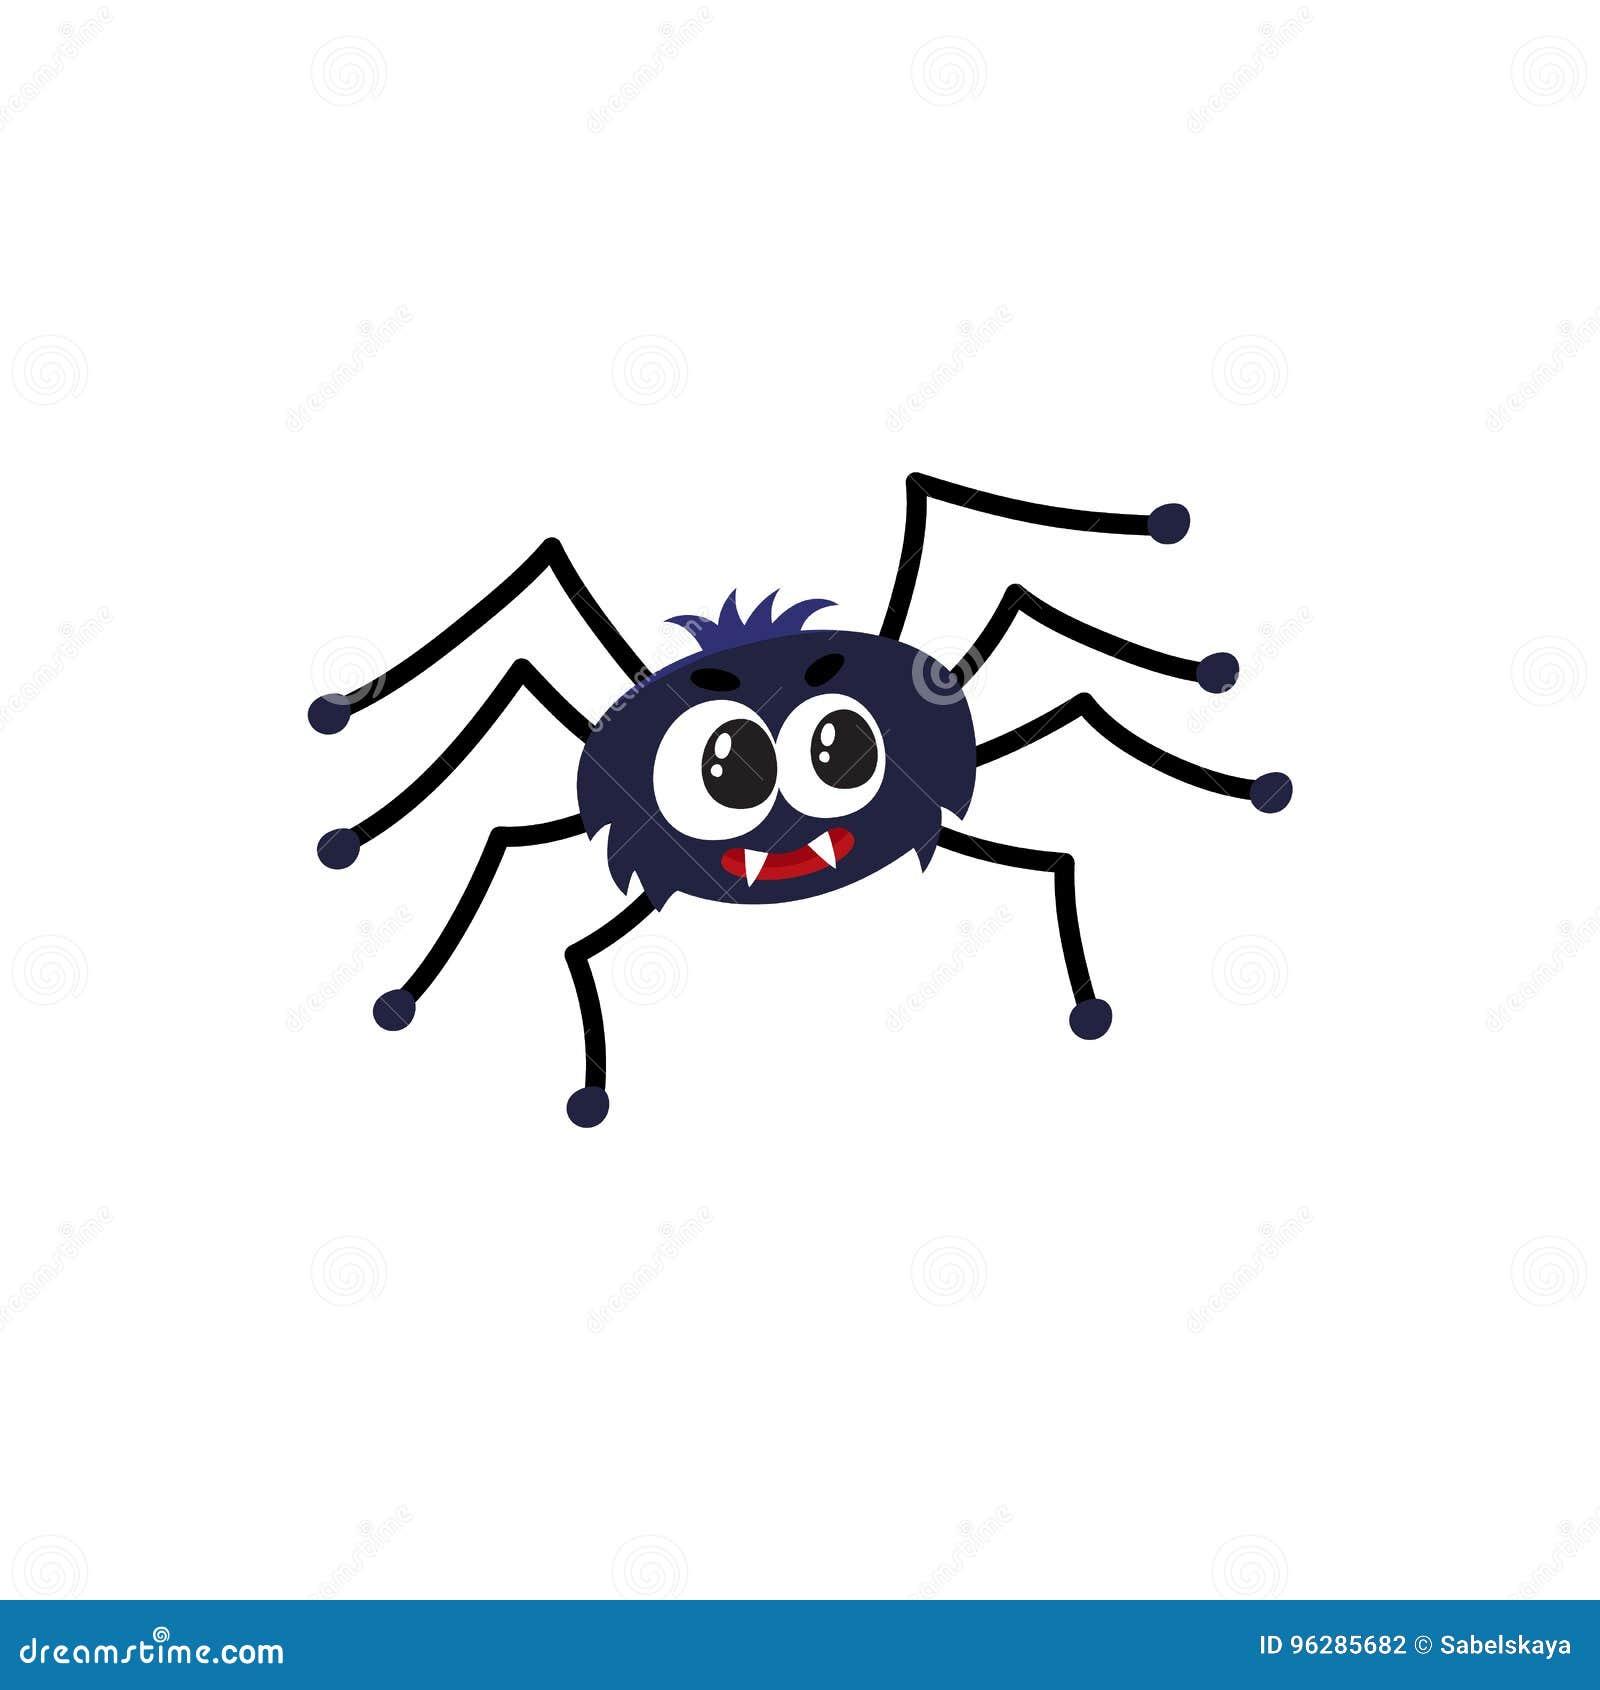 Χαριτωμένη, αστεία μαύρη αράχνη, παραδοσιακό σύμβολο αποκριών, διανυσματική απεικόνιση κινούμενων σχεδίων